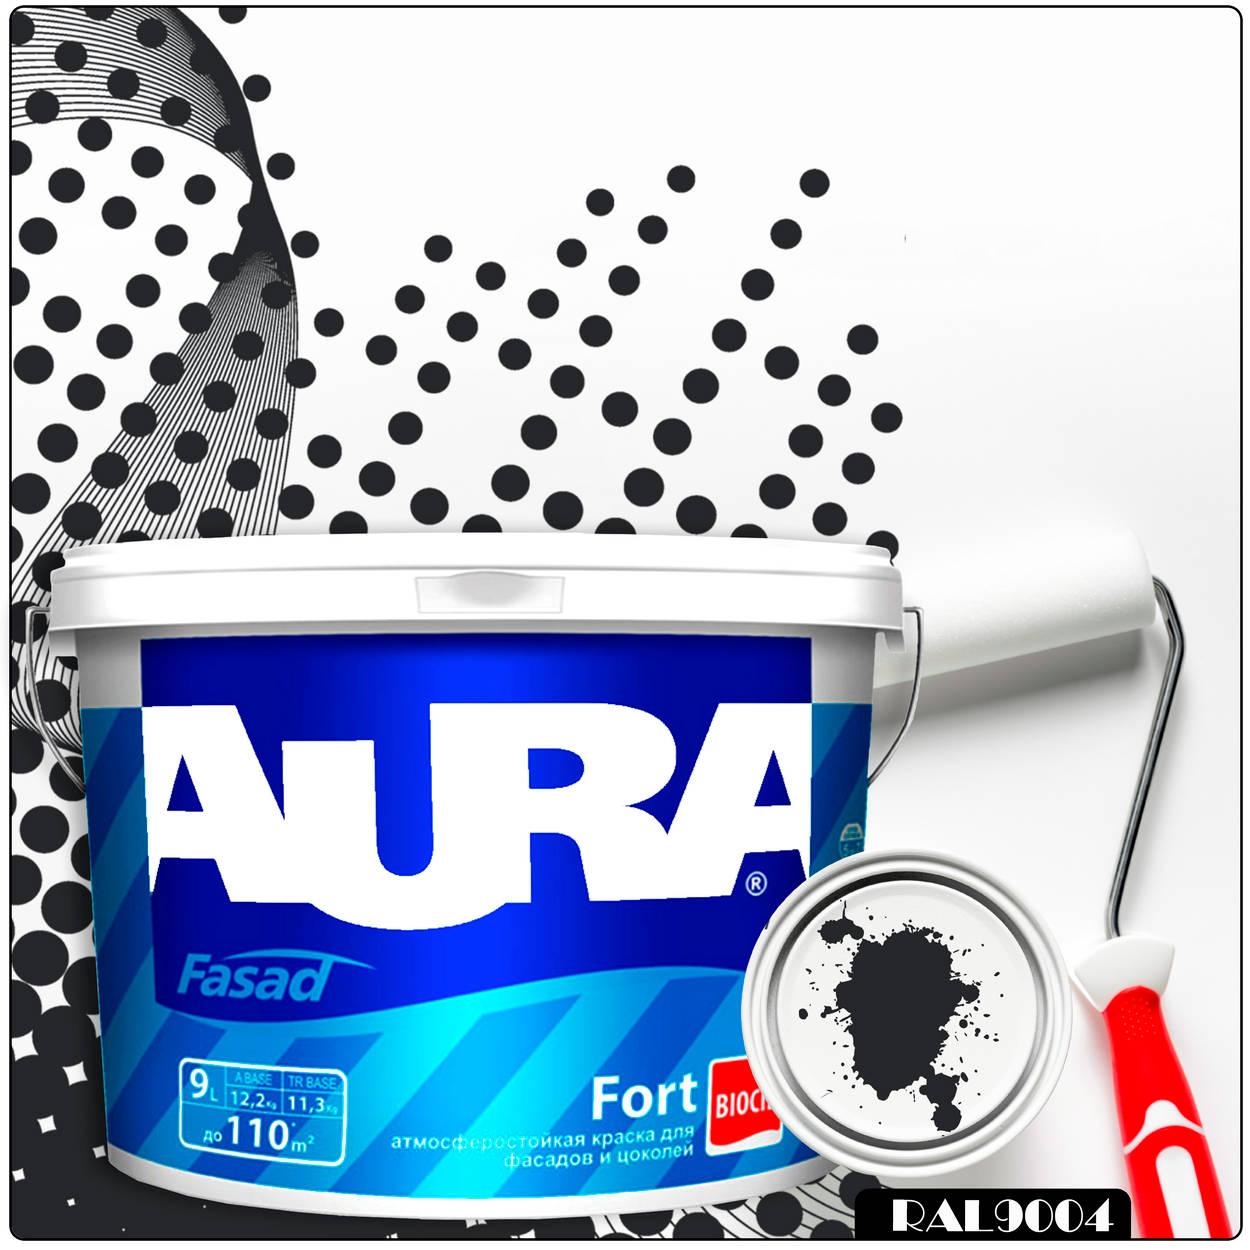 Фото 4 - Краска Aura Fasad Fort, RAL 9004 Сигнальный черный, латексная, матовая, для фасада и цоколей, 9л, Аура.